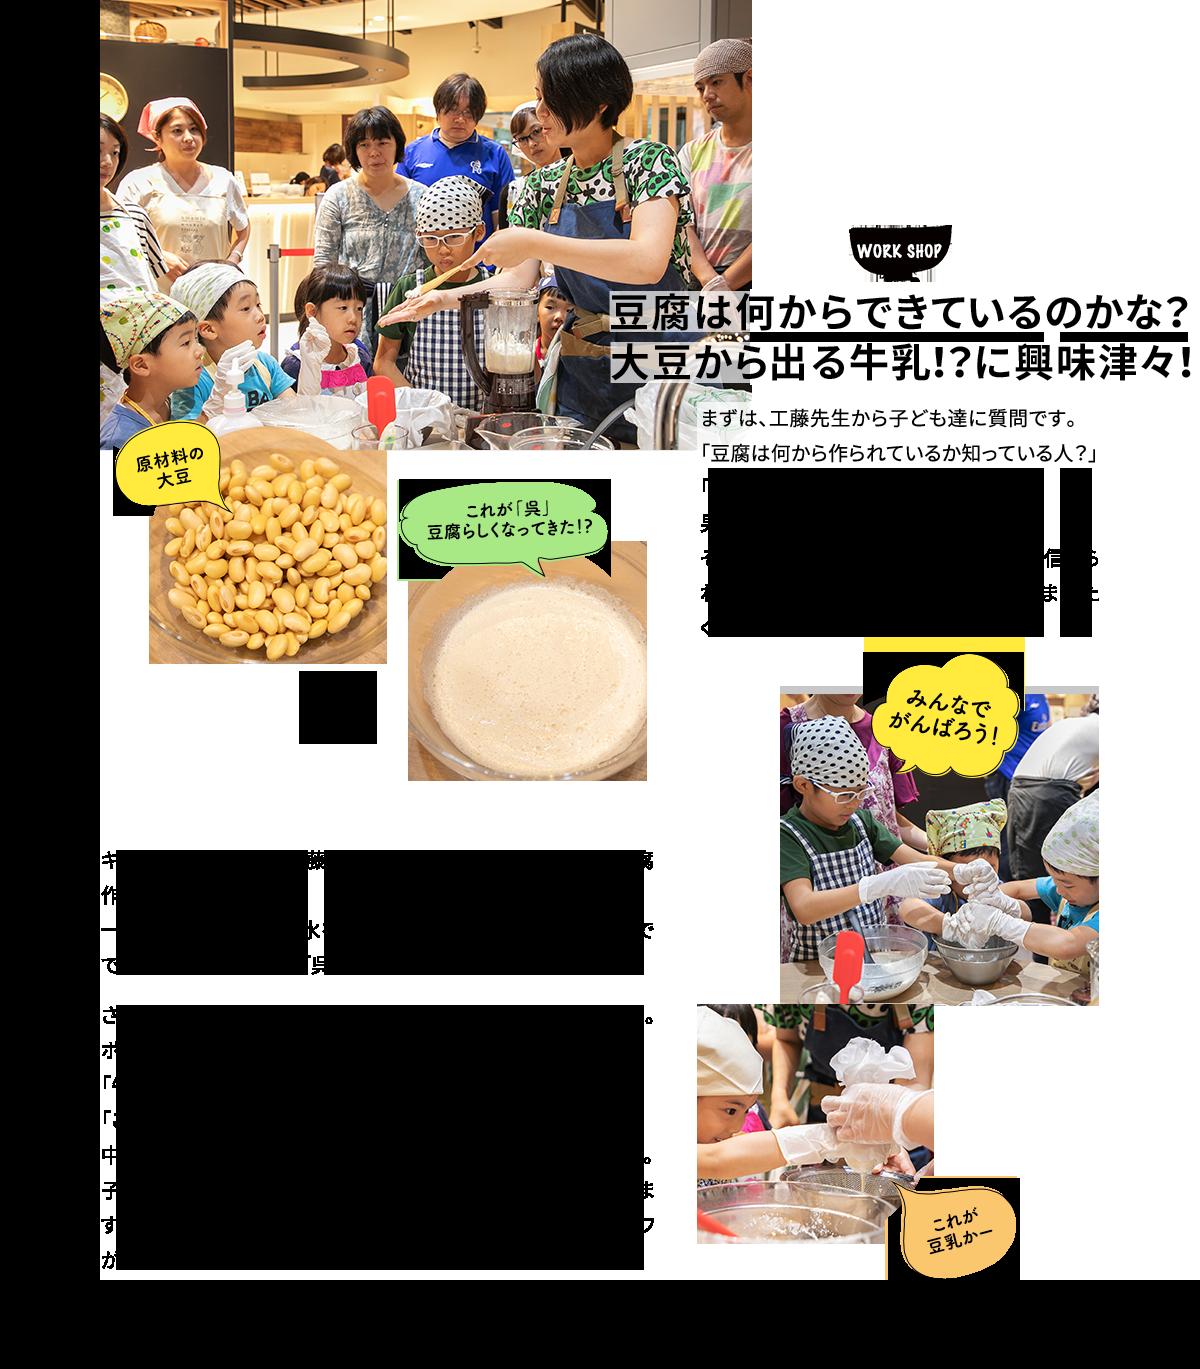 WORK SHOP 豆腐は何からできているのかな?大豆から出る牛乳!?に興味津々!